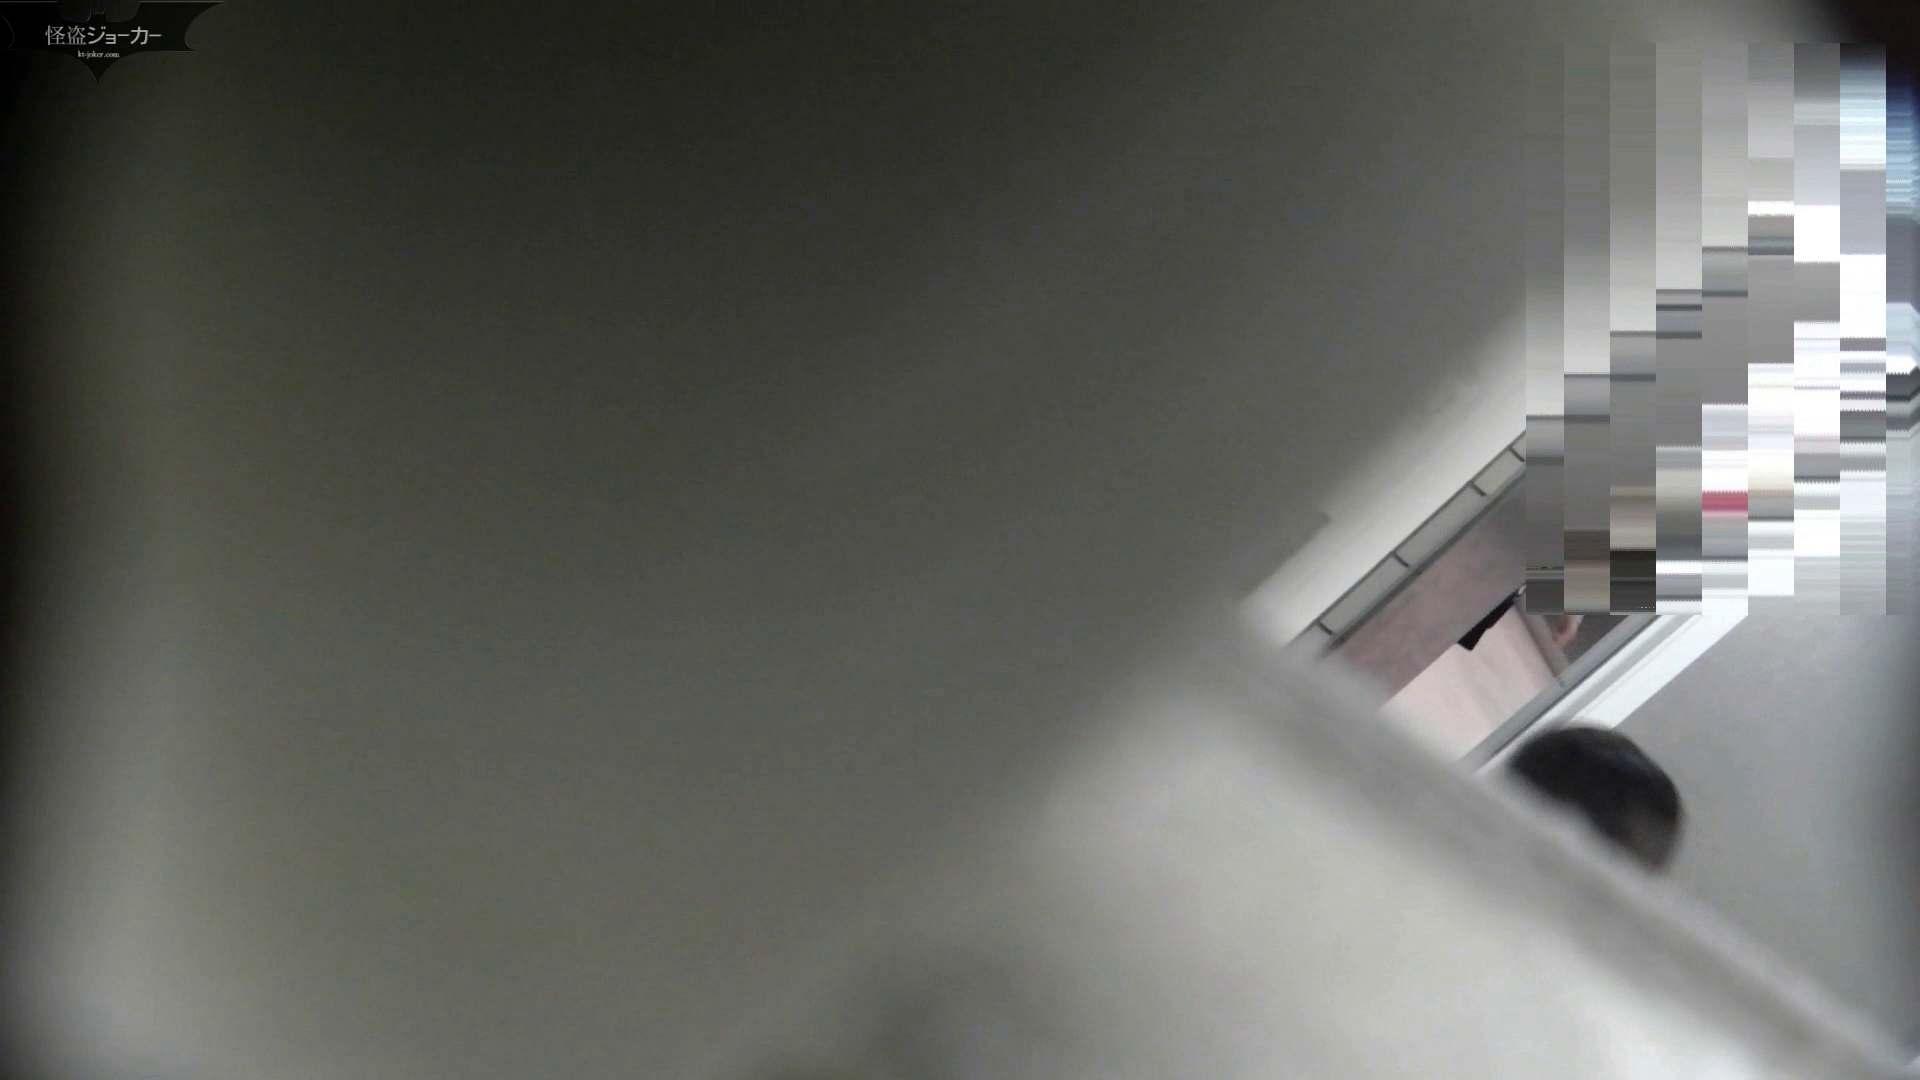 【美しき個室な世界】洗面所特攻隊 vol.051 洗面所  72PIX 24